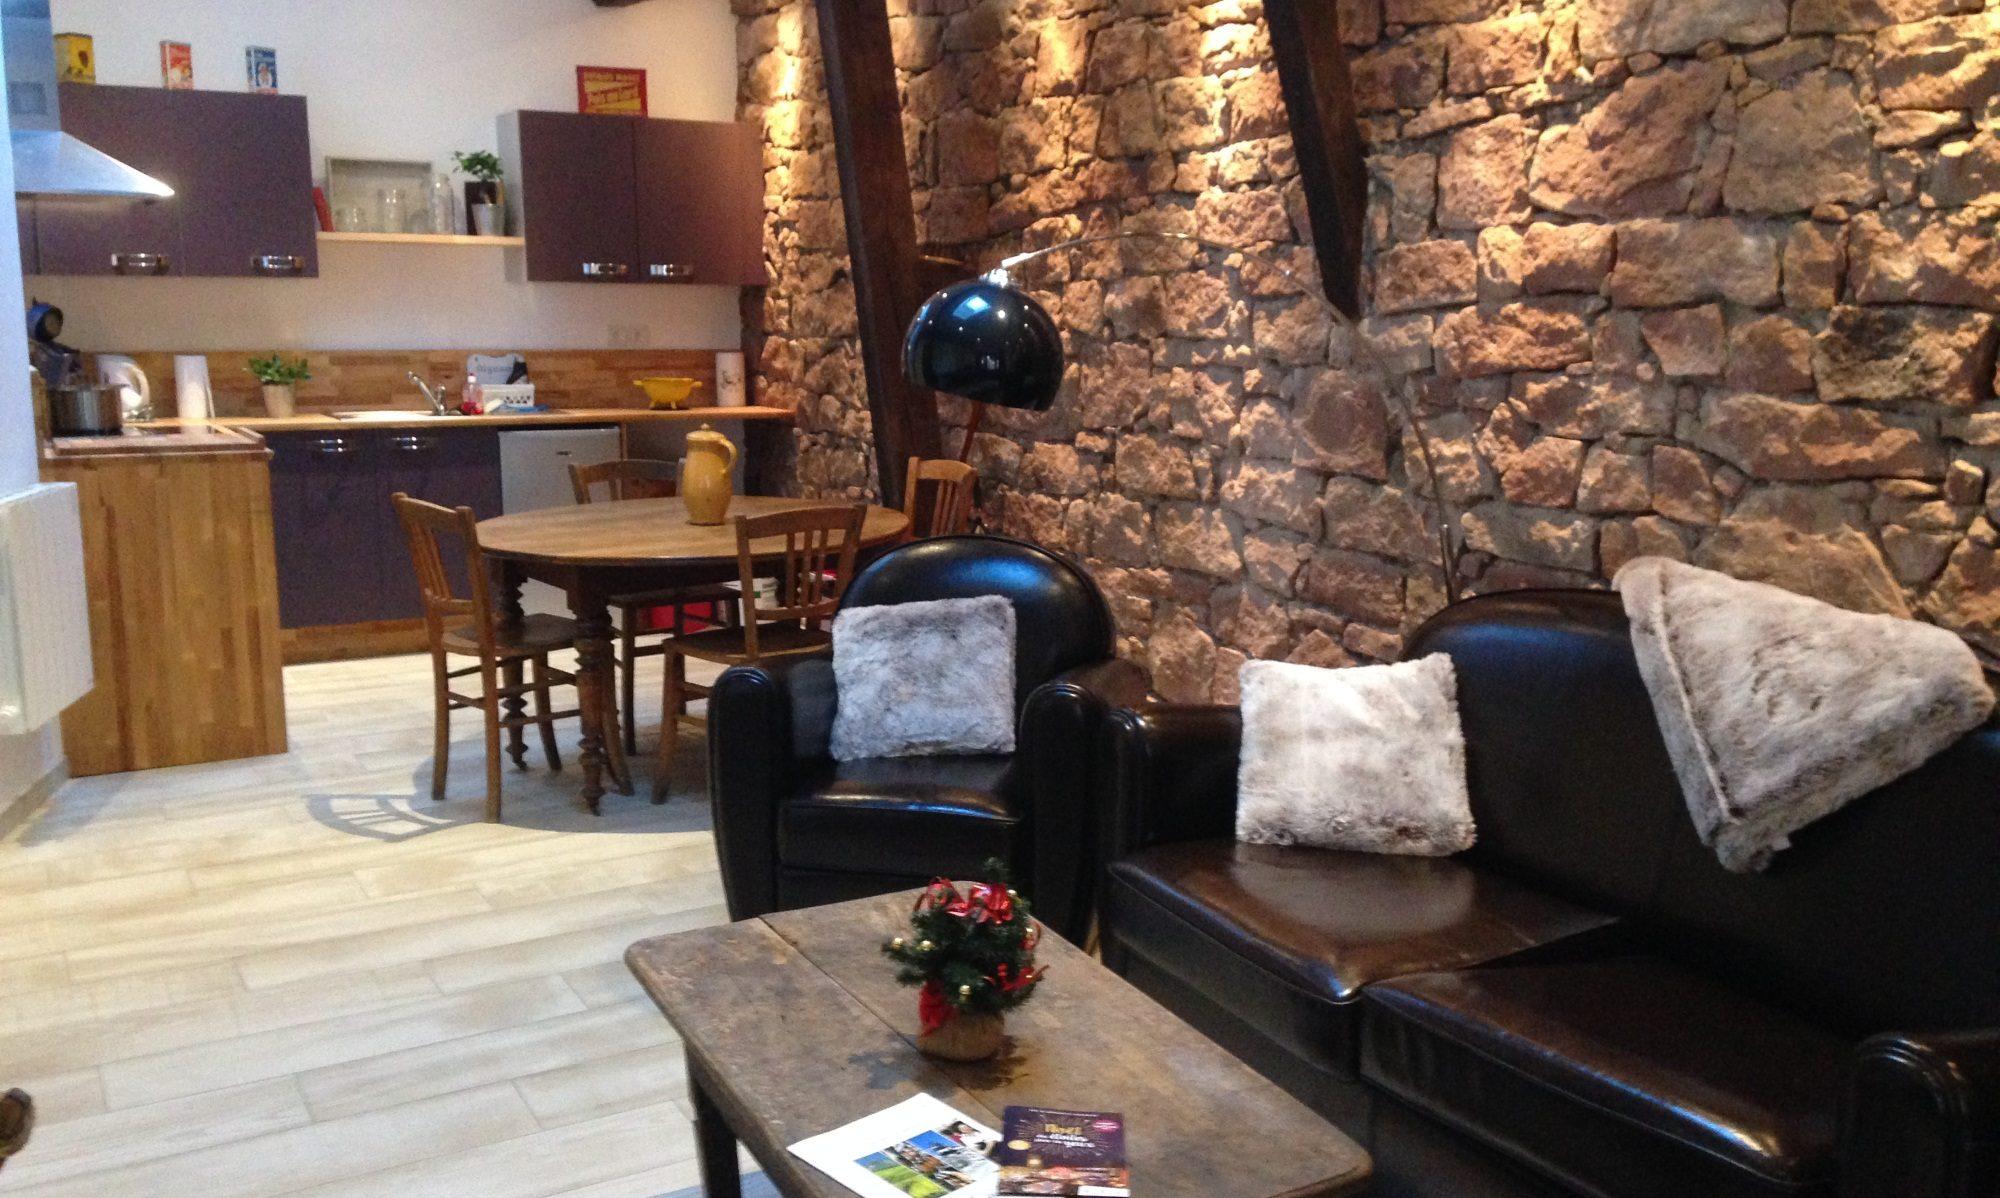 location de vacances en Alsace